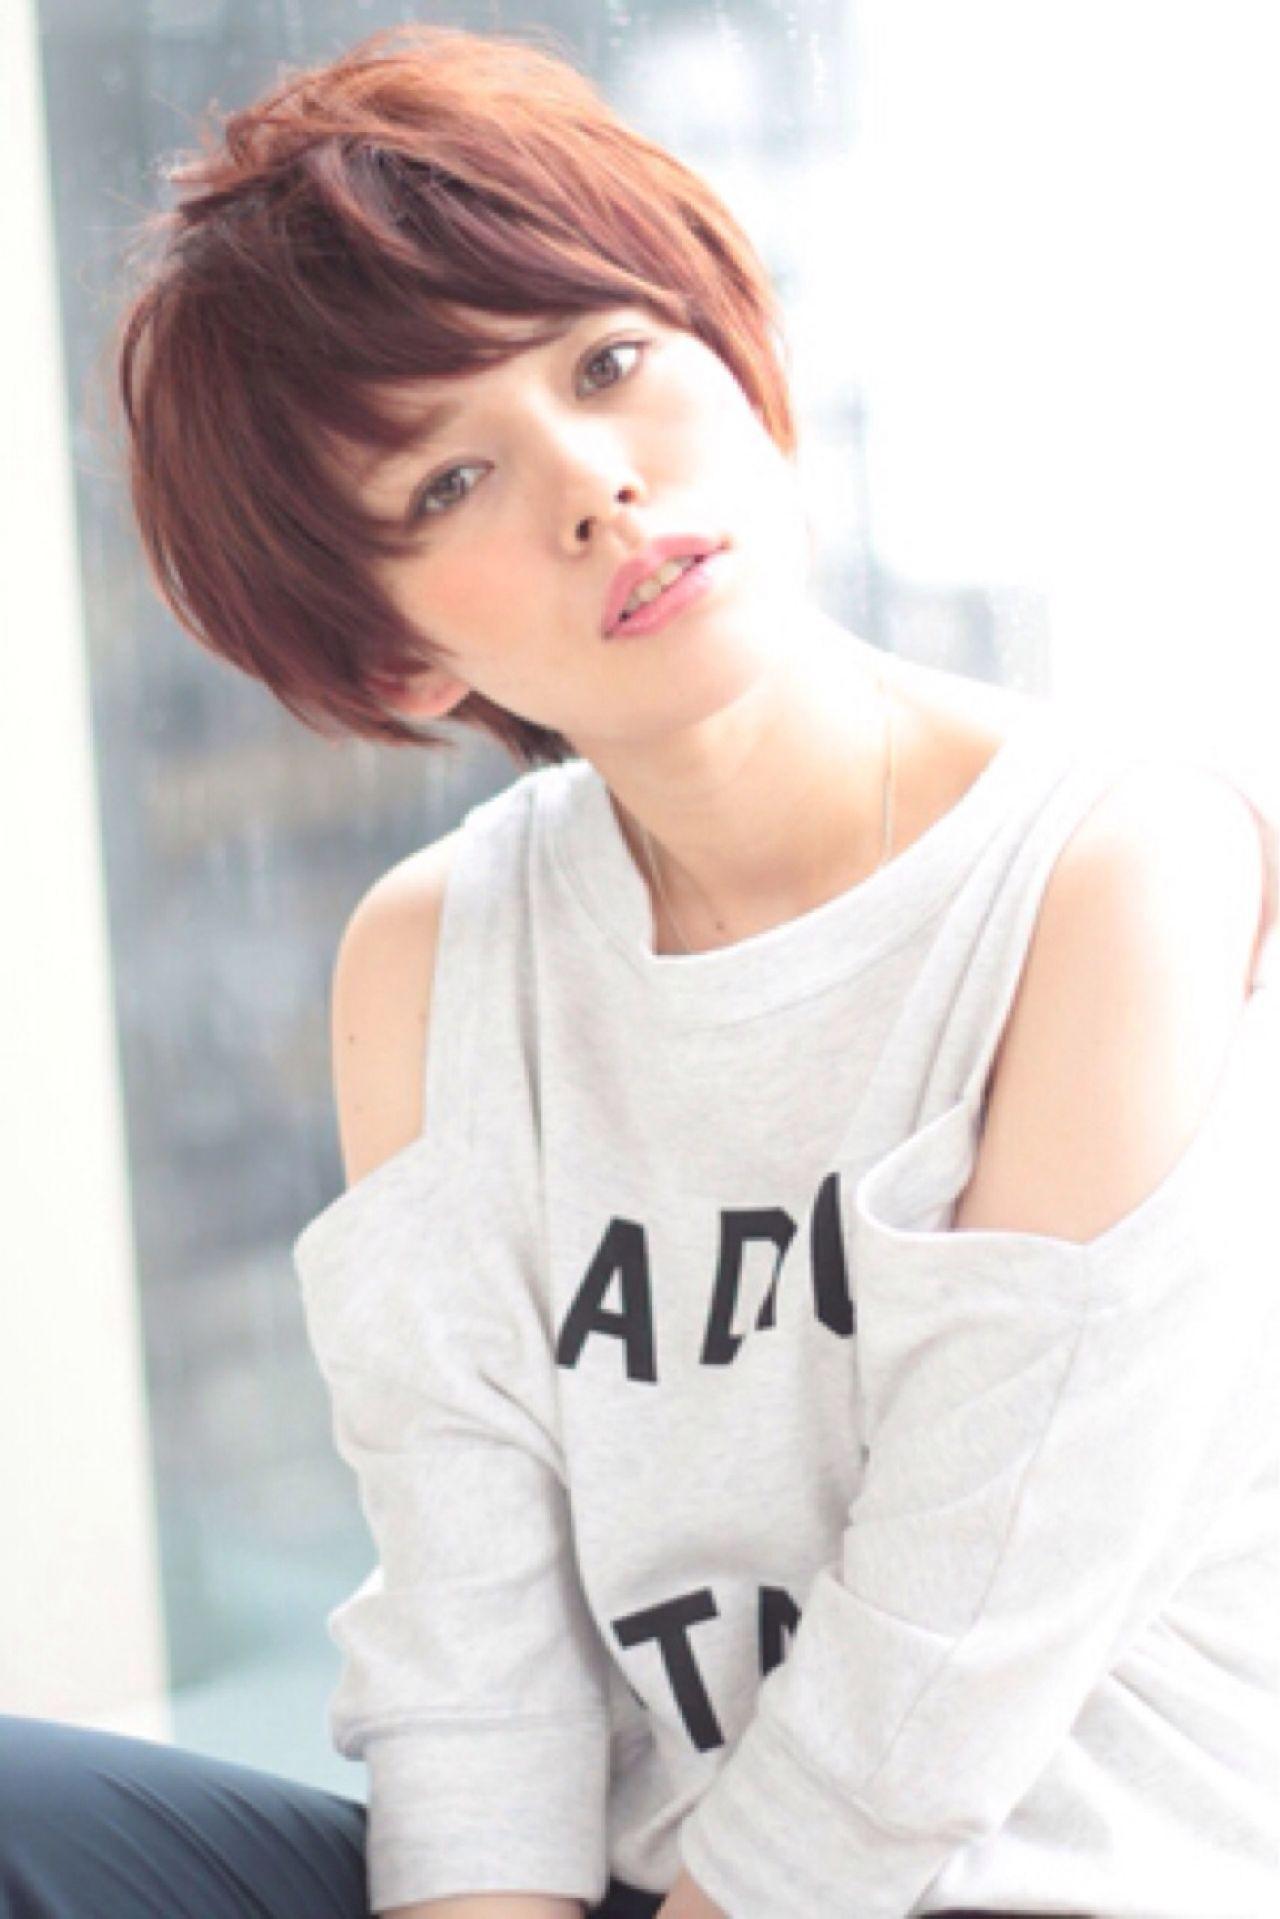 顔まわりすっきり!丸顔女子におすすめのベリーショートスタイル 星晃介